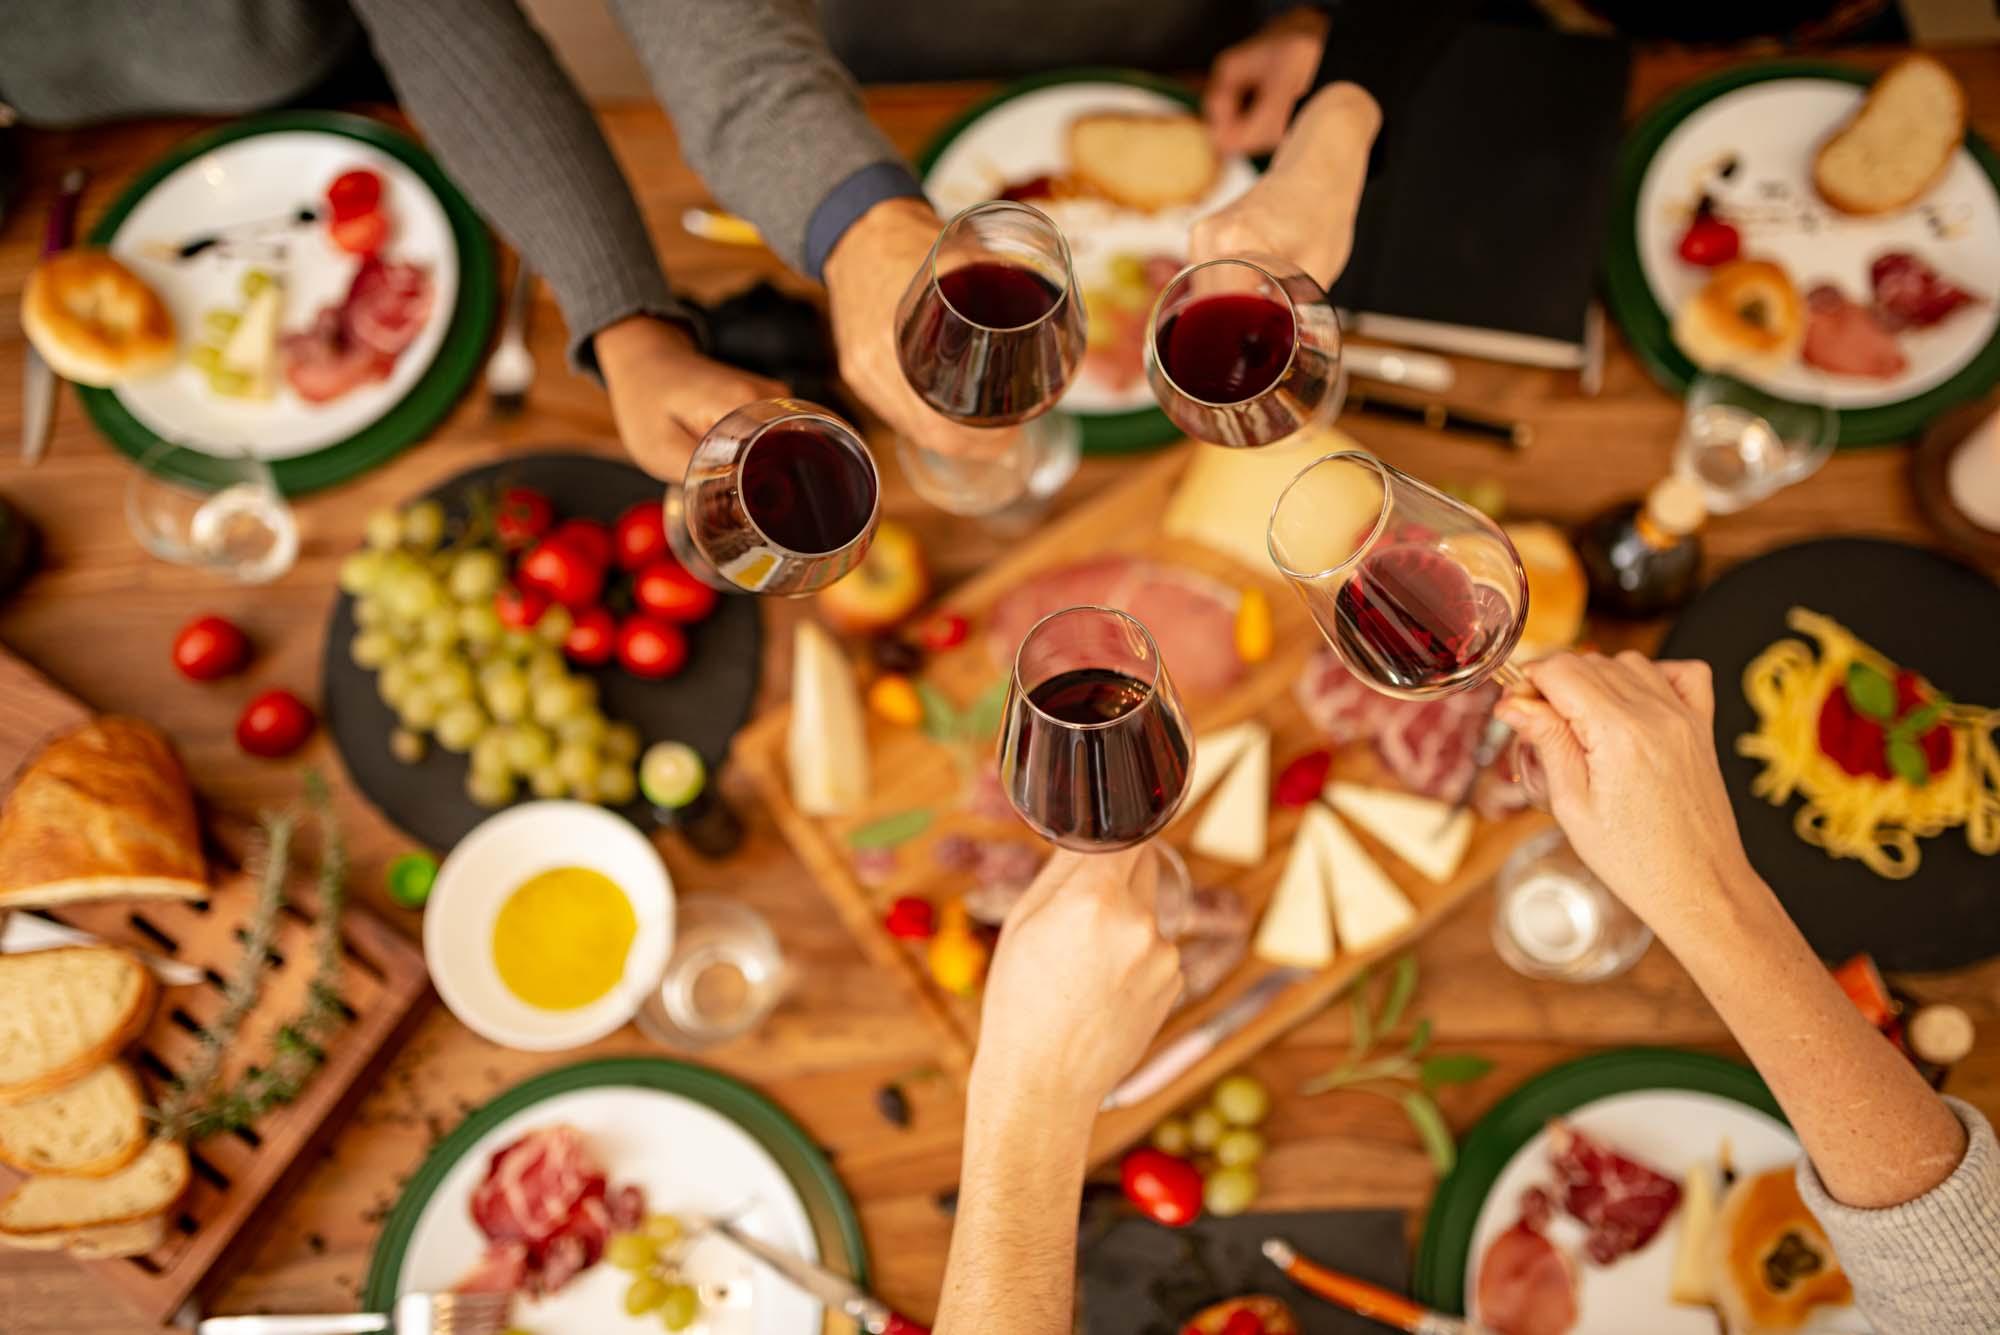 Corsi Di Cucina Formazione Manageriale a Genova